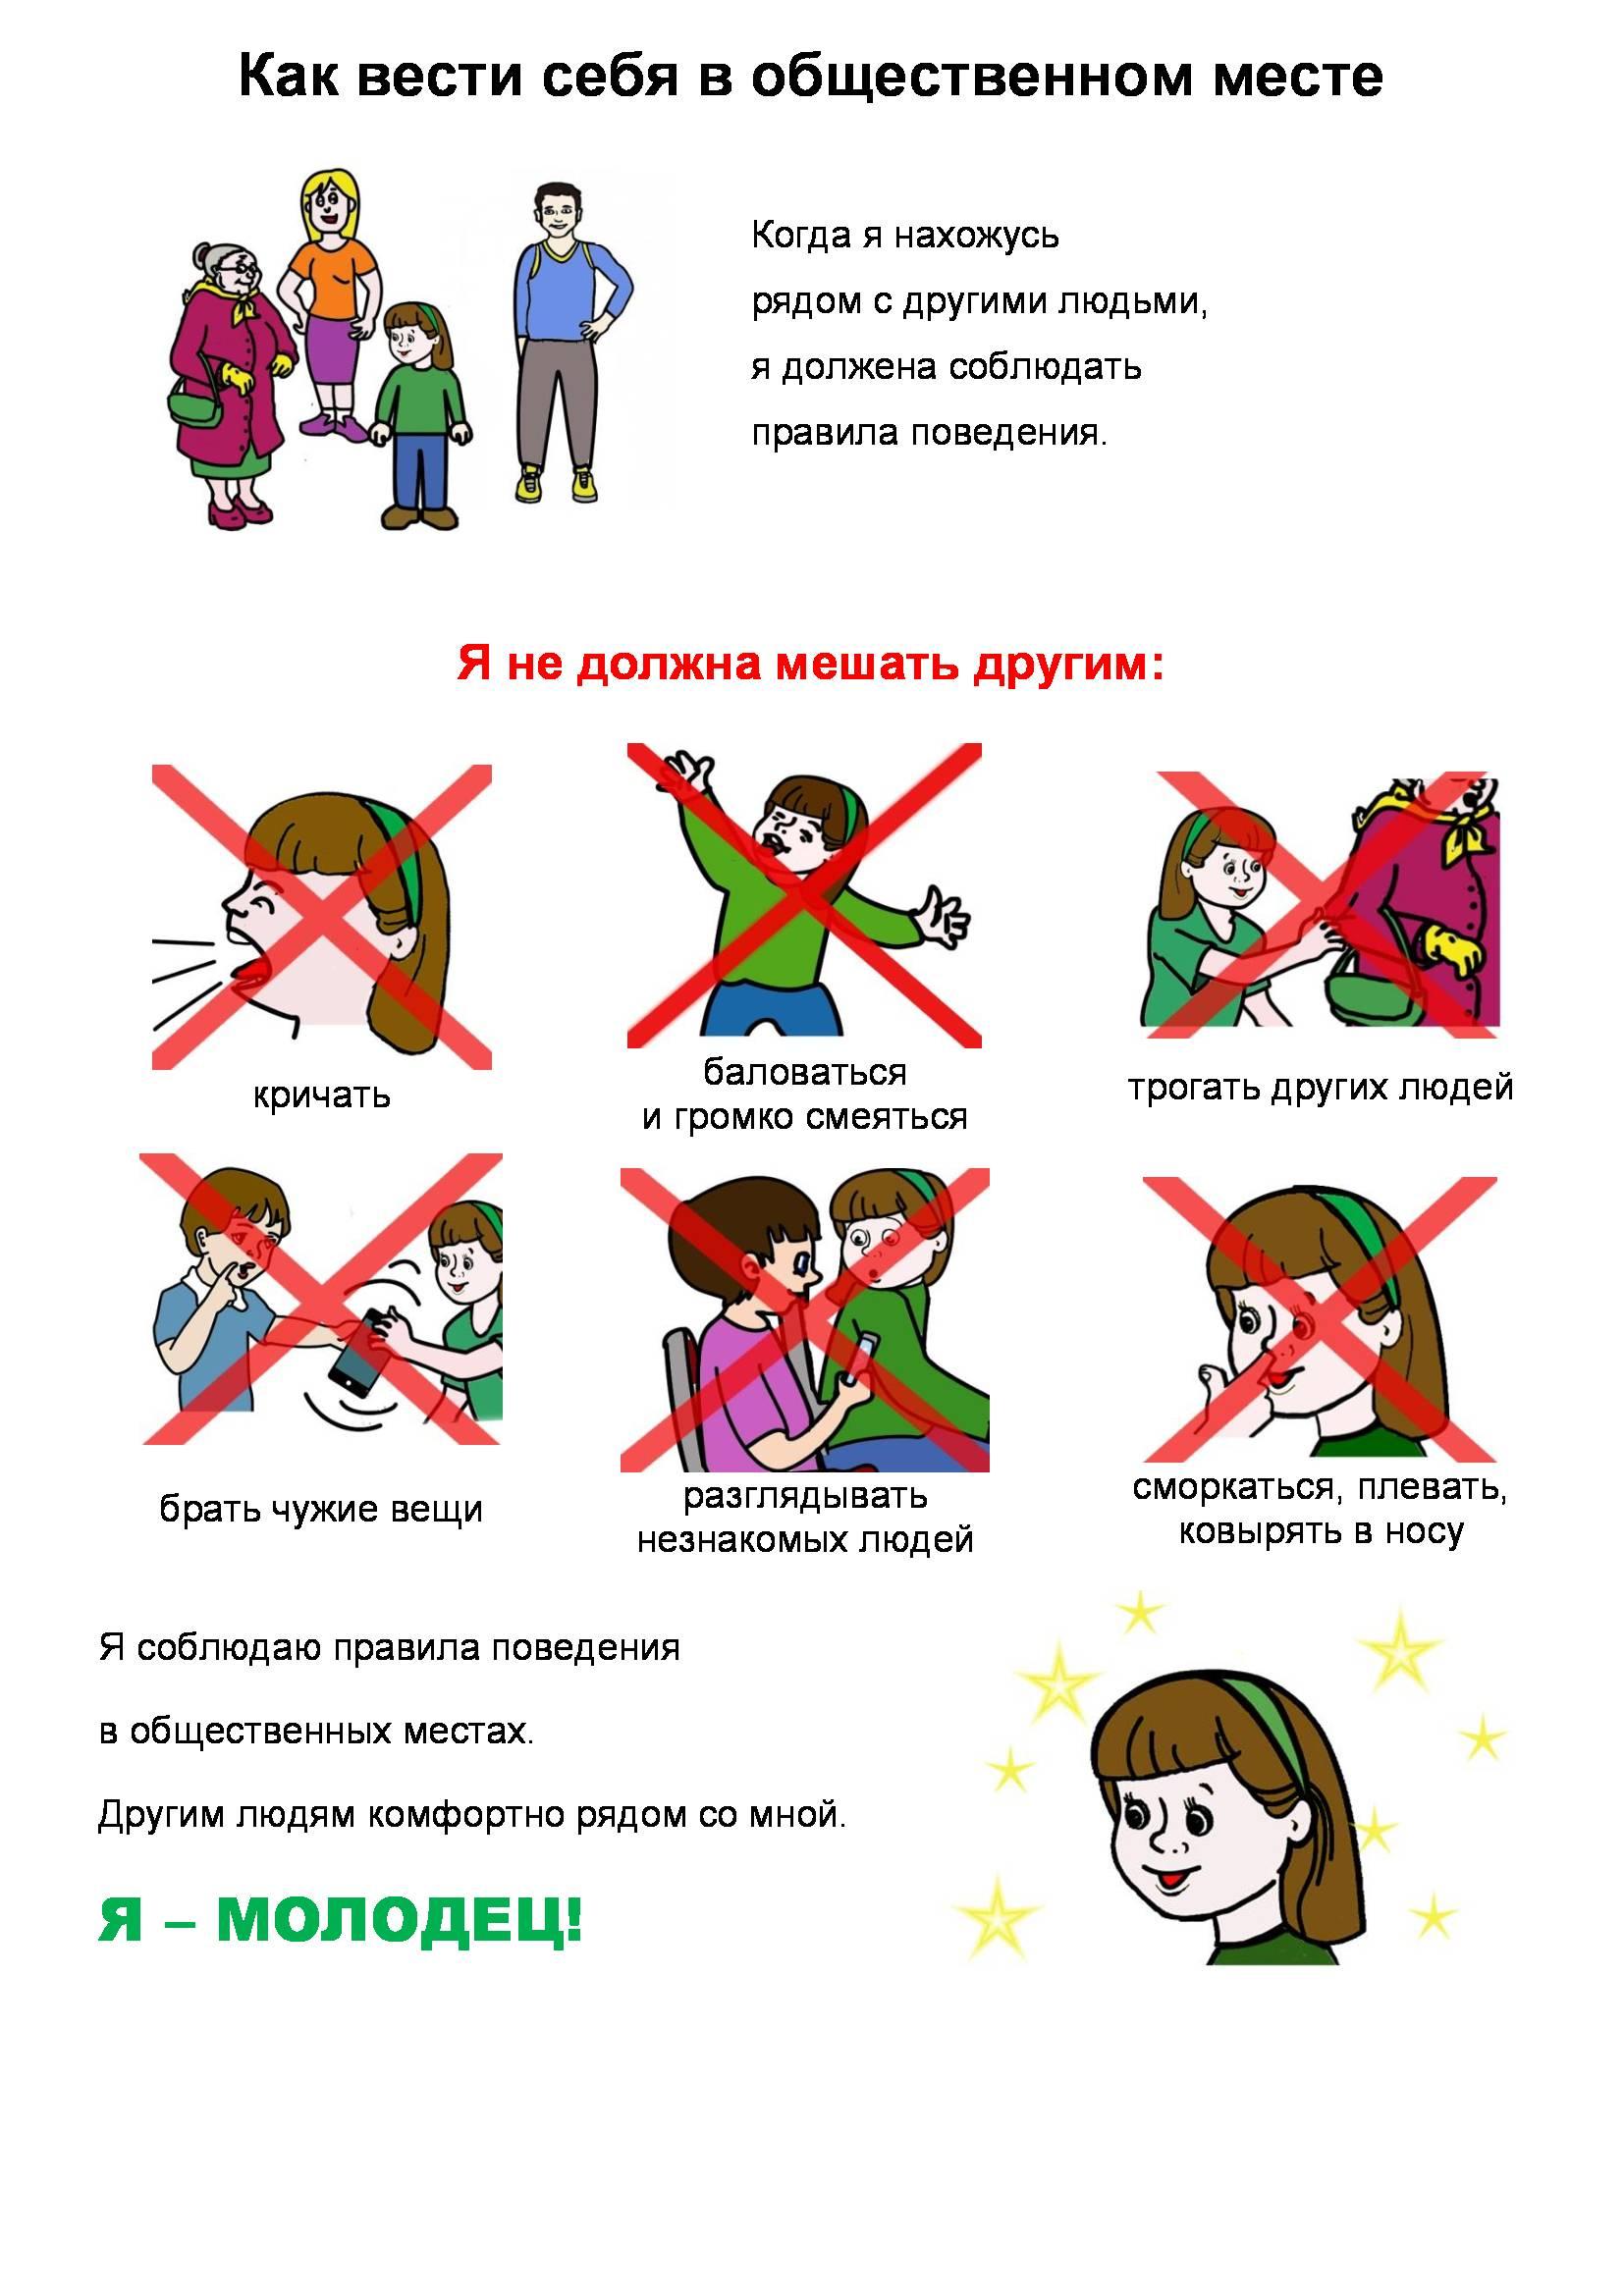 Кодекс поведения туристов за границей. правила поведения для россиян от мид рф   informatio.ru